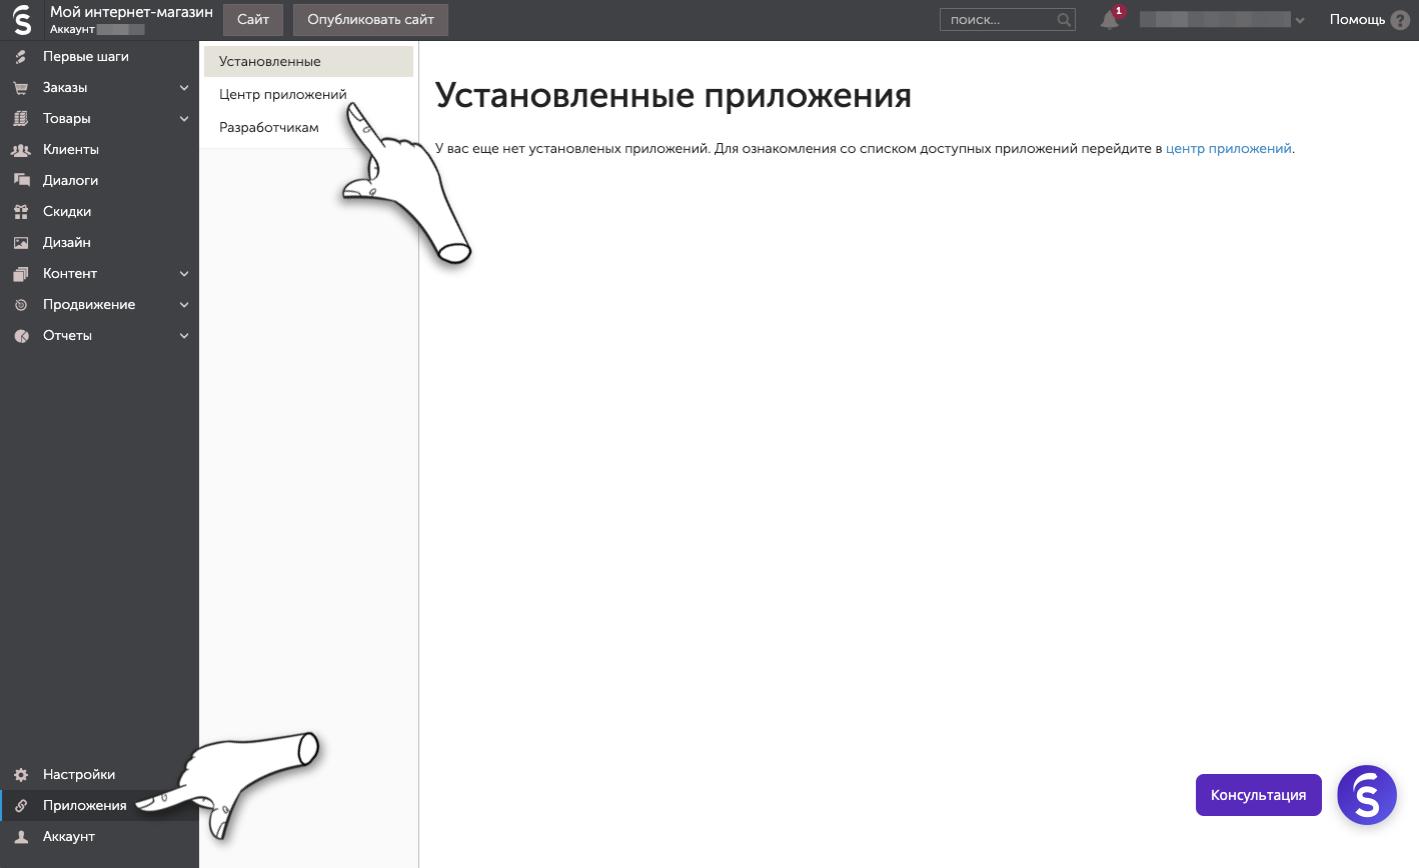 Дизайн без названия - 2020-08-04T195935.676 (1).png